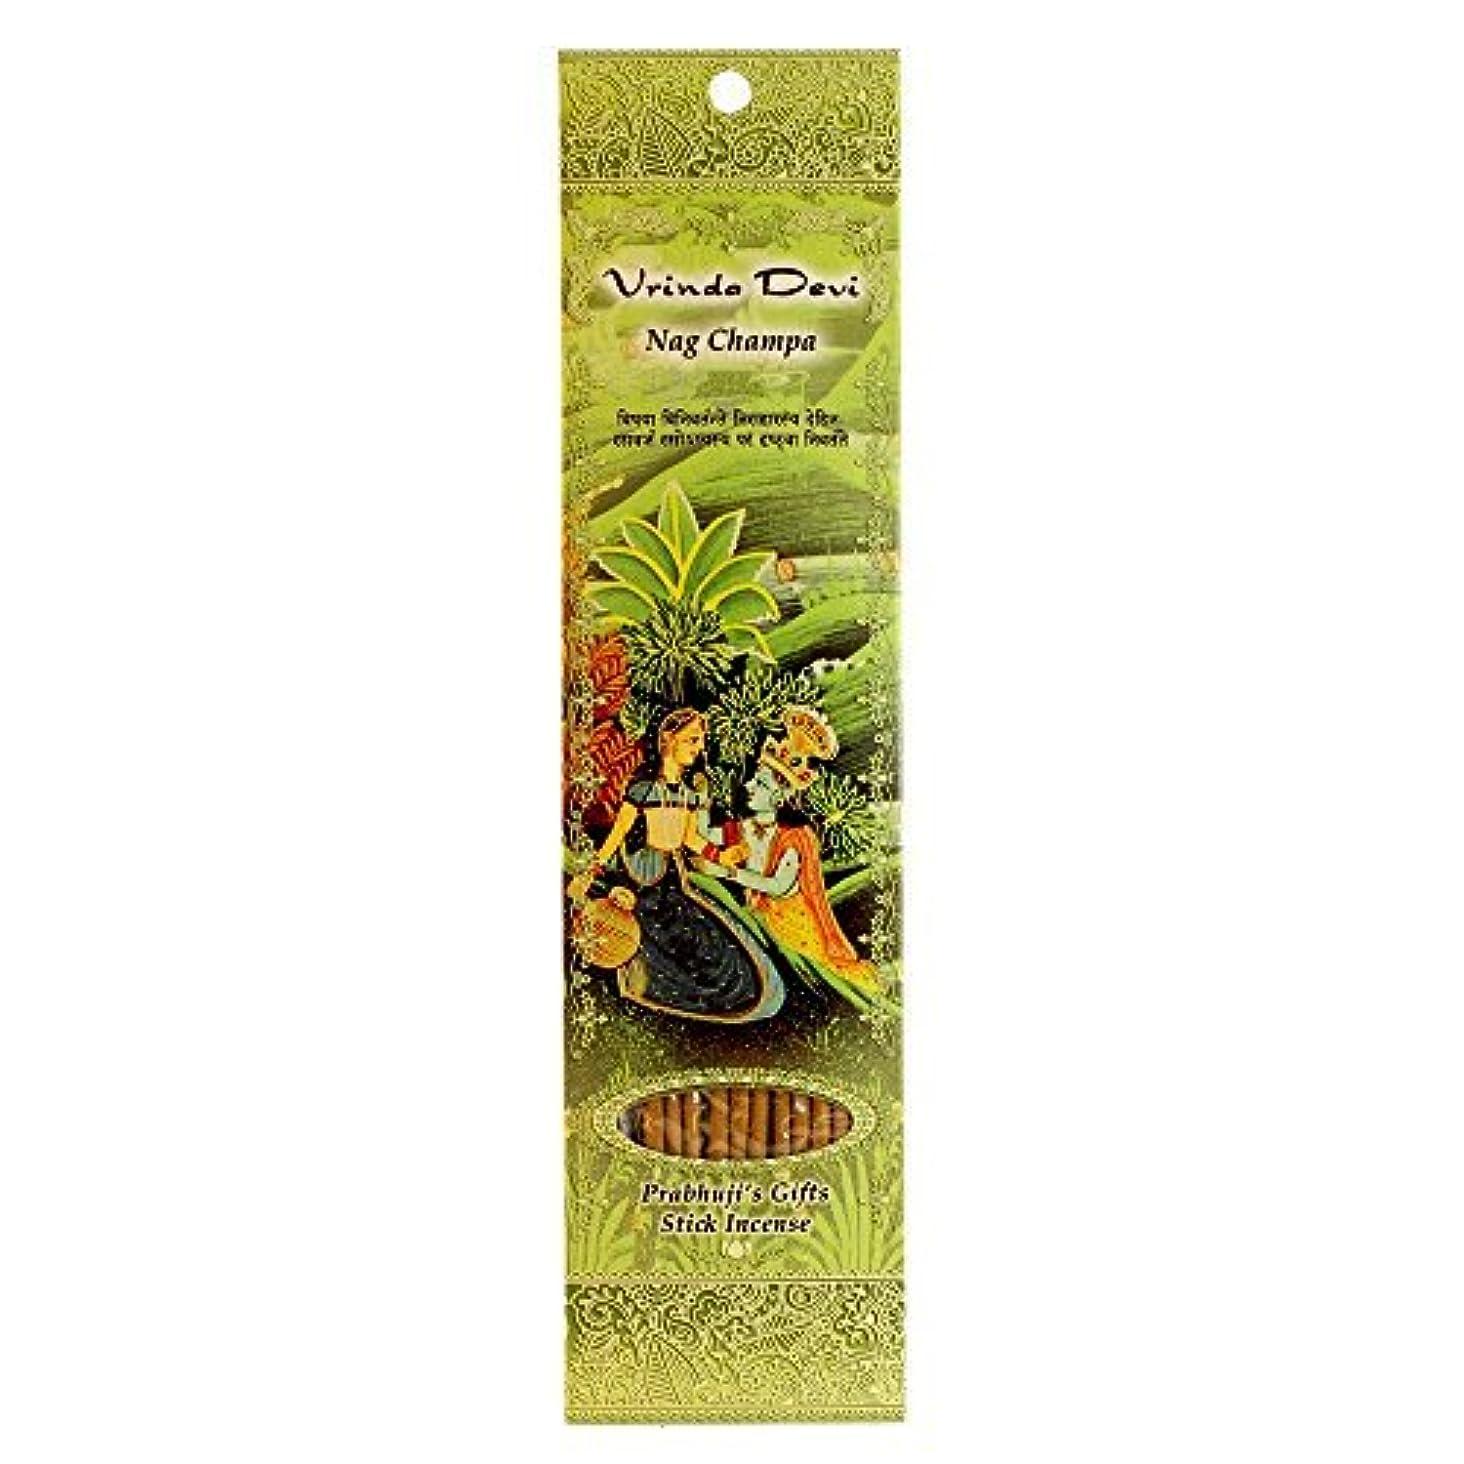 封筒検索エンジン最適化標高Incense Sticks Vrinda Devi - Nag Champa [並行輸入品]